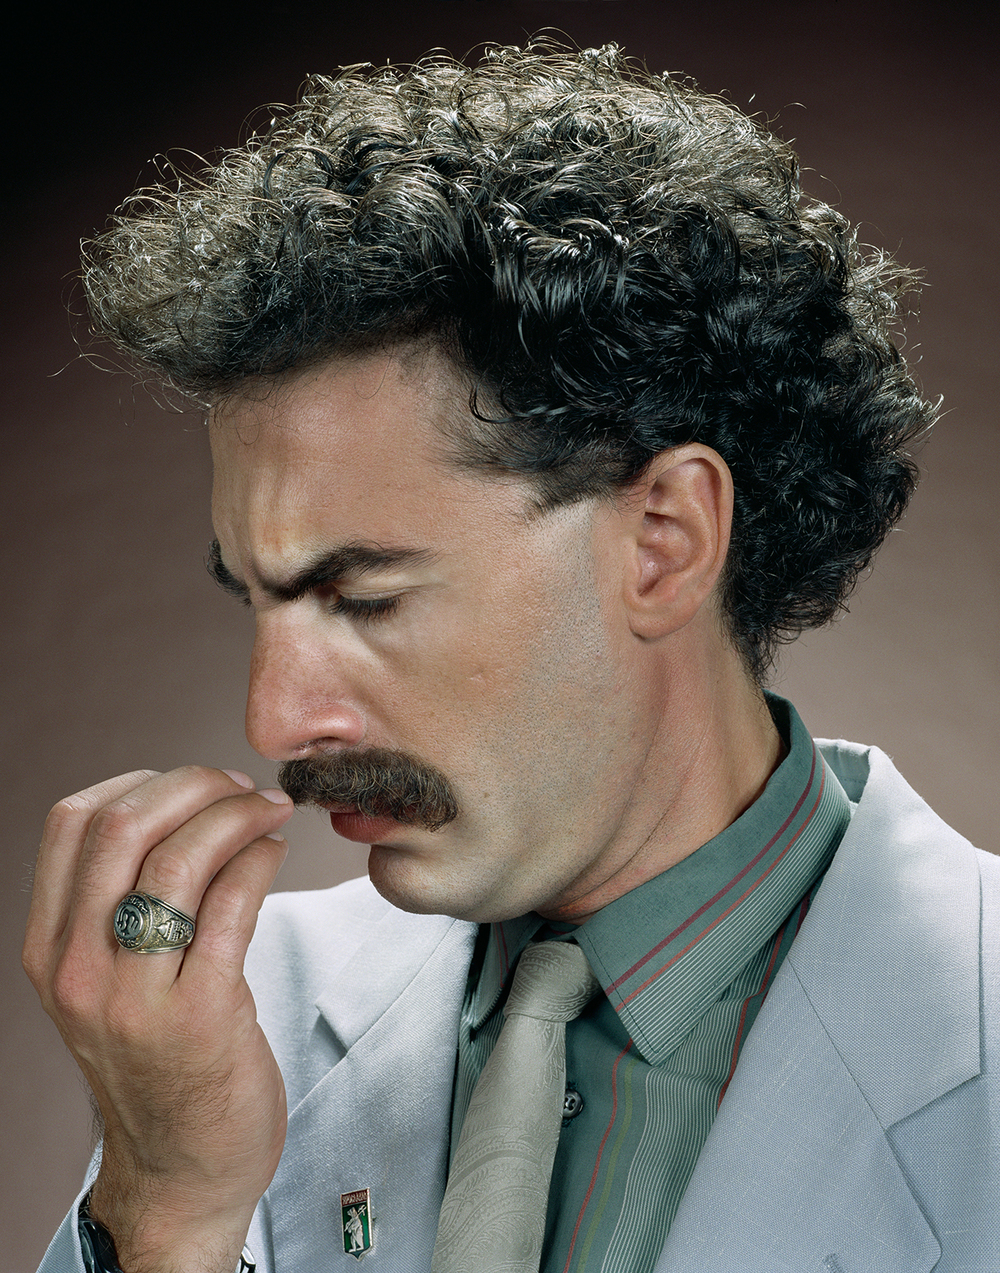 Sasha Baron Cohen - Borat